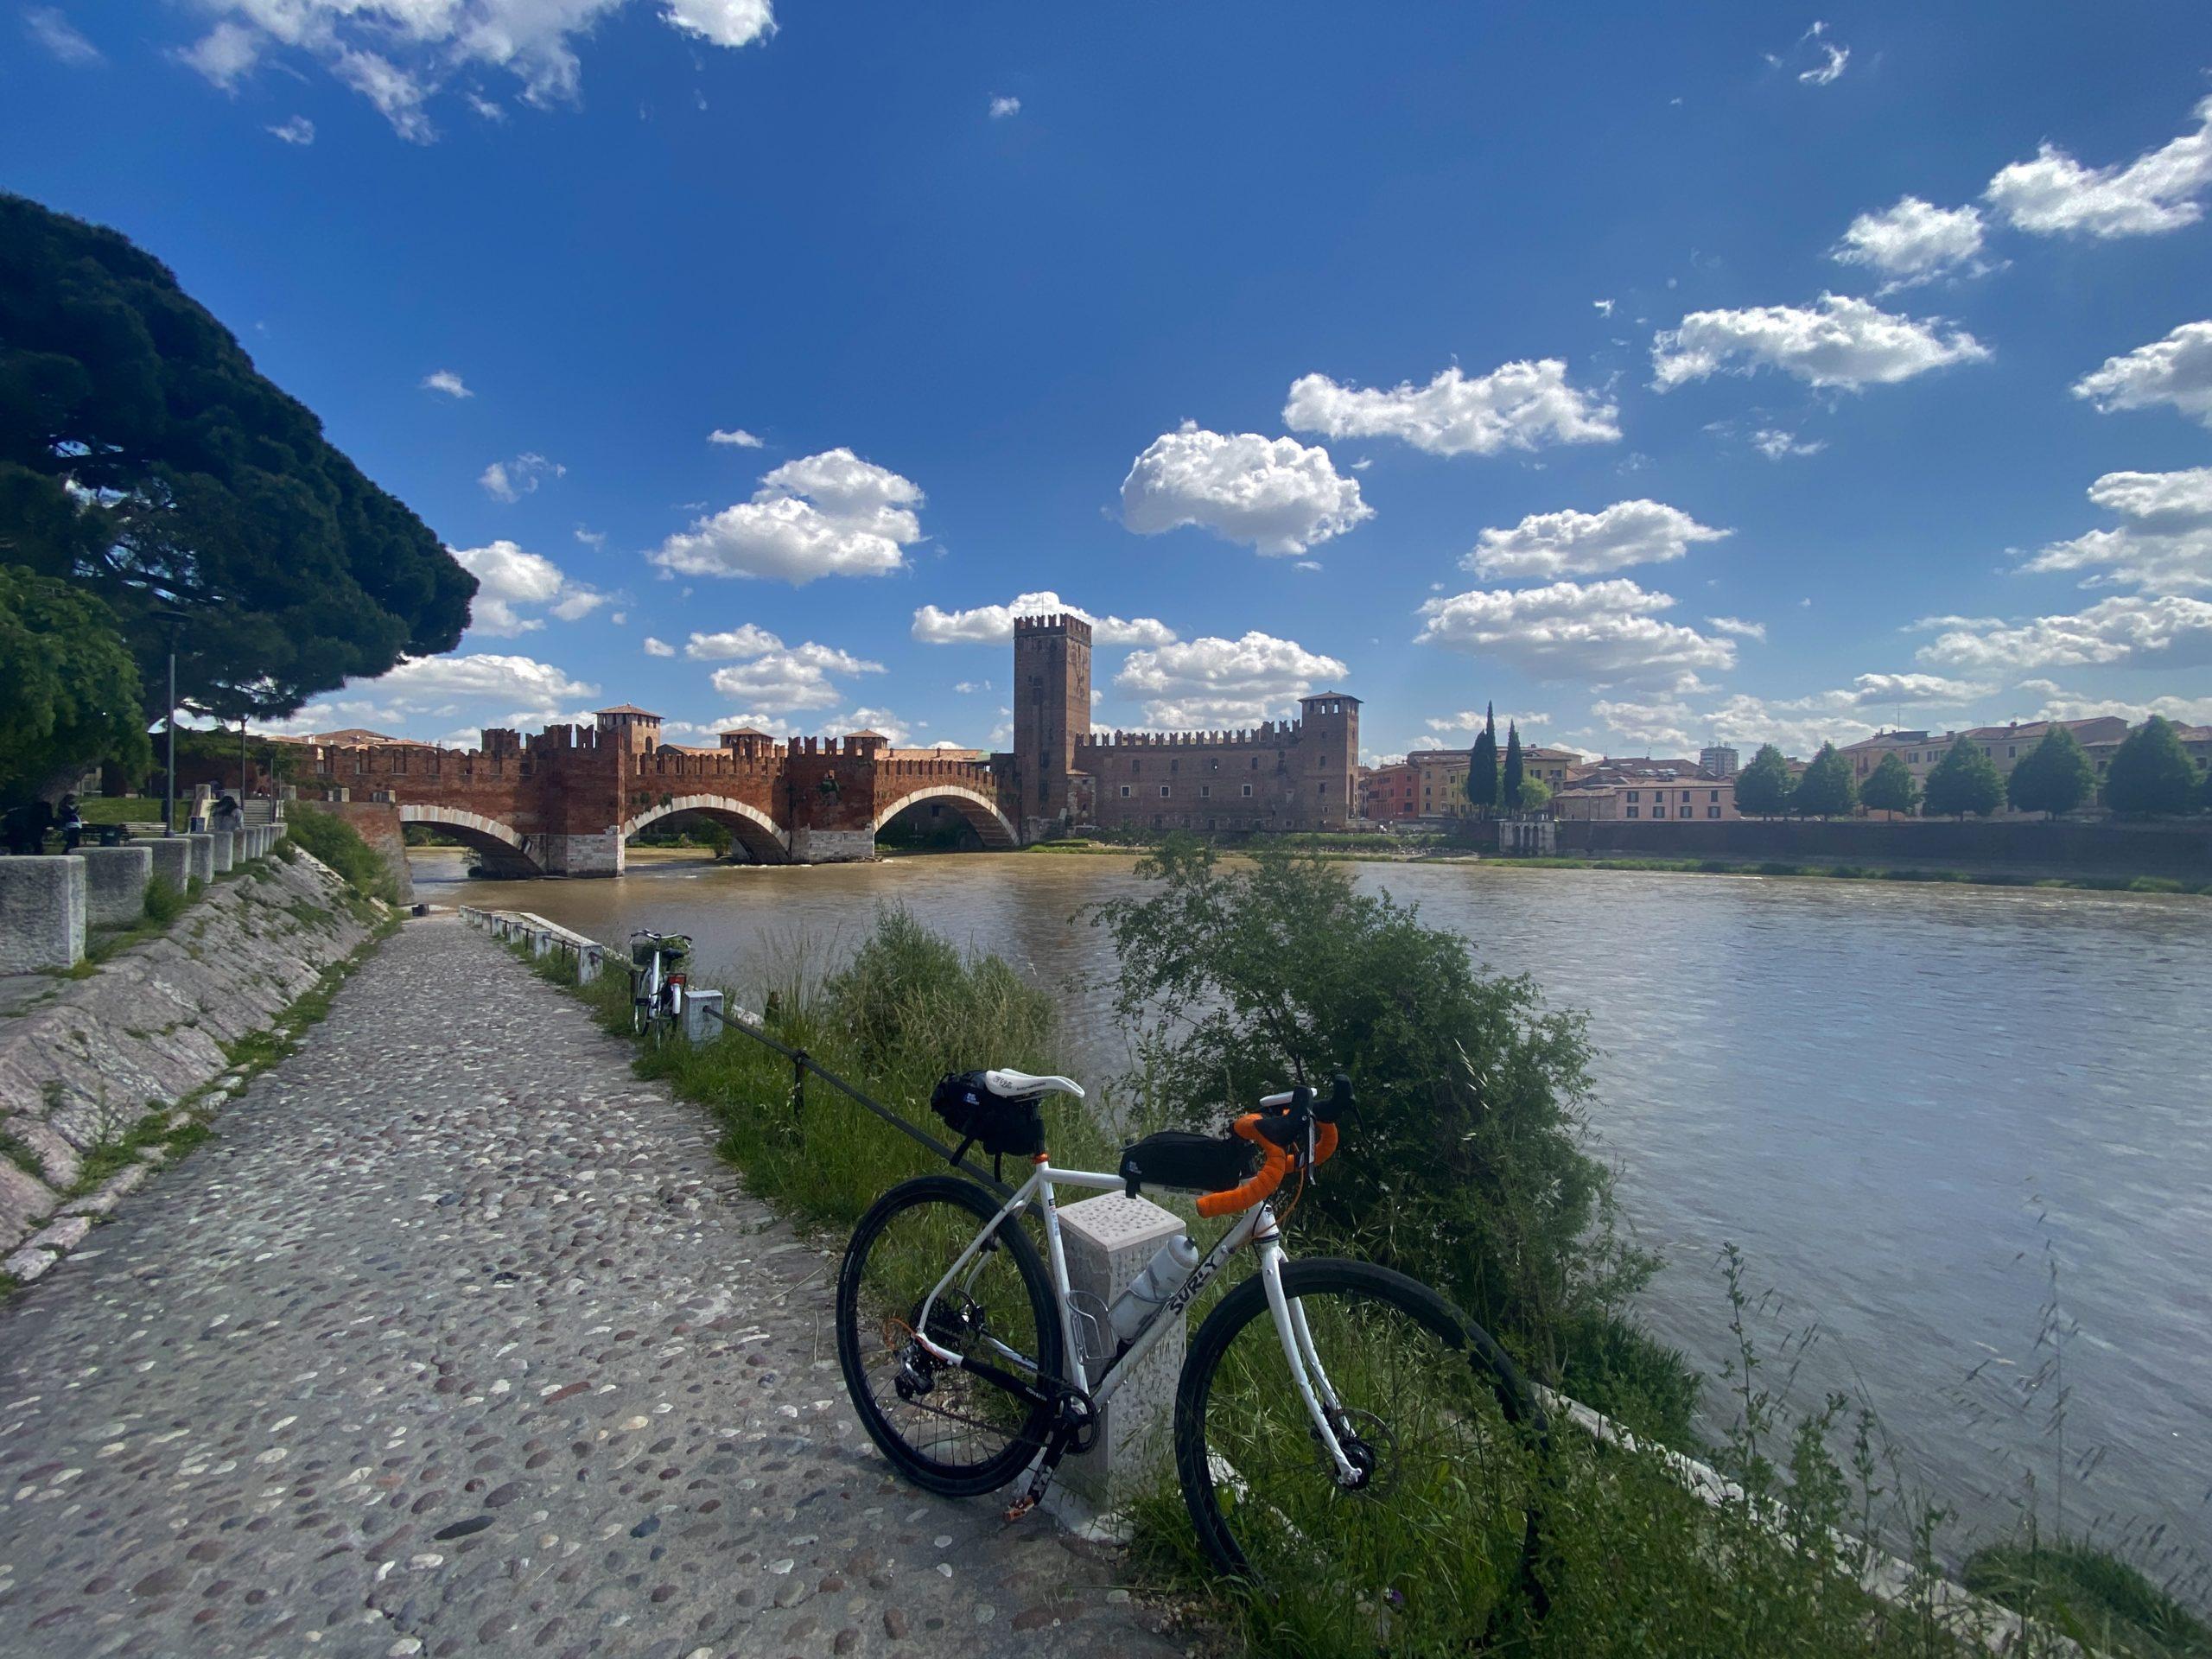 Ciclovia del Po, parco del delta del po in bici, vacanze in veneto, ponti di barche sul po, la lunga via dei fiumi, viaggiatore lento, viaggiare in bici, verona in bicicletta, ciclabile dell'adige, ciclovia del sole, eurovelo 7, ciclovia del Po, vacanze sul po in bici, , viaggiare in bicicletta, vacanze in bicicletta, bikepacking, il veneto,